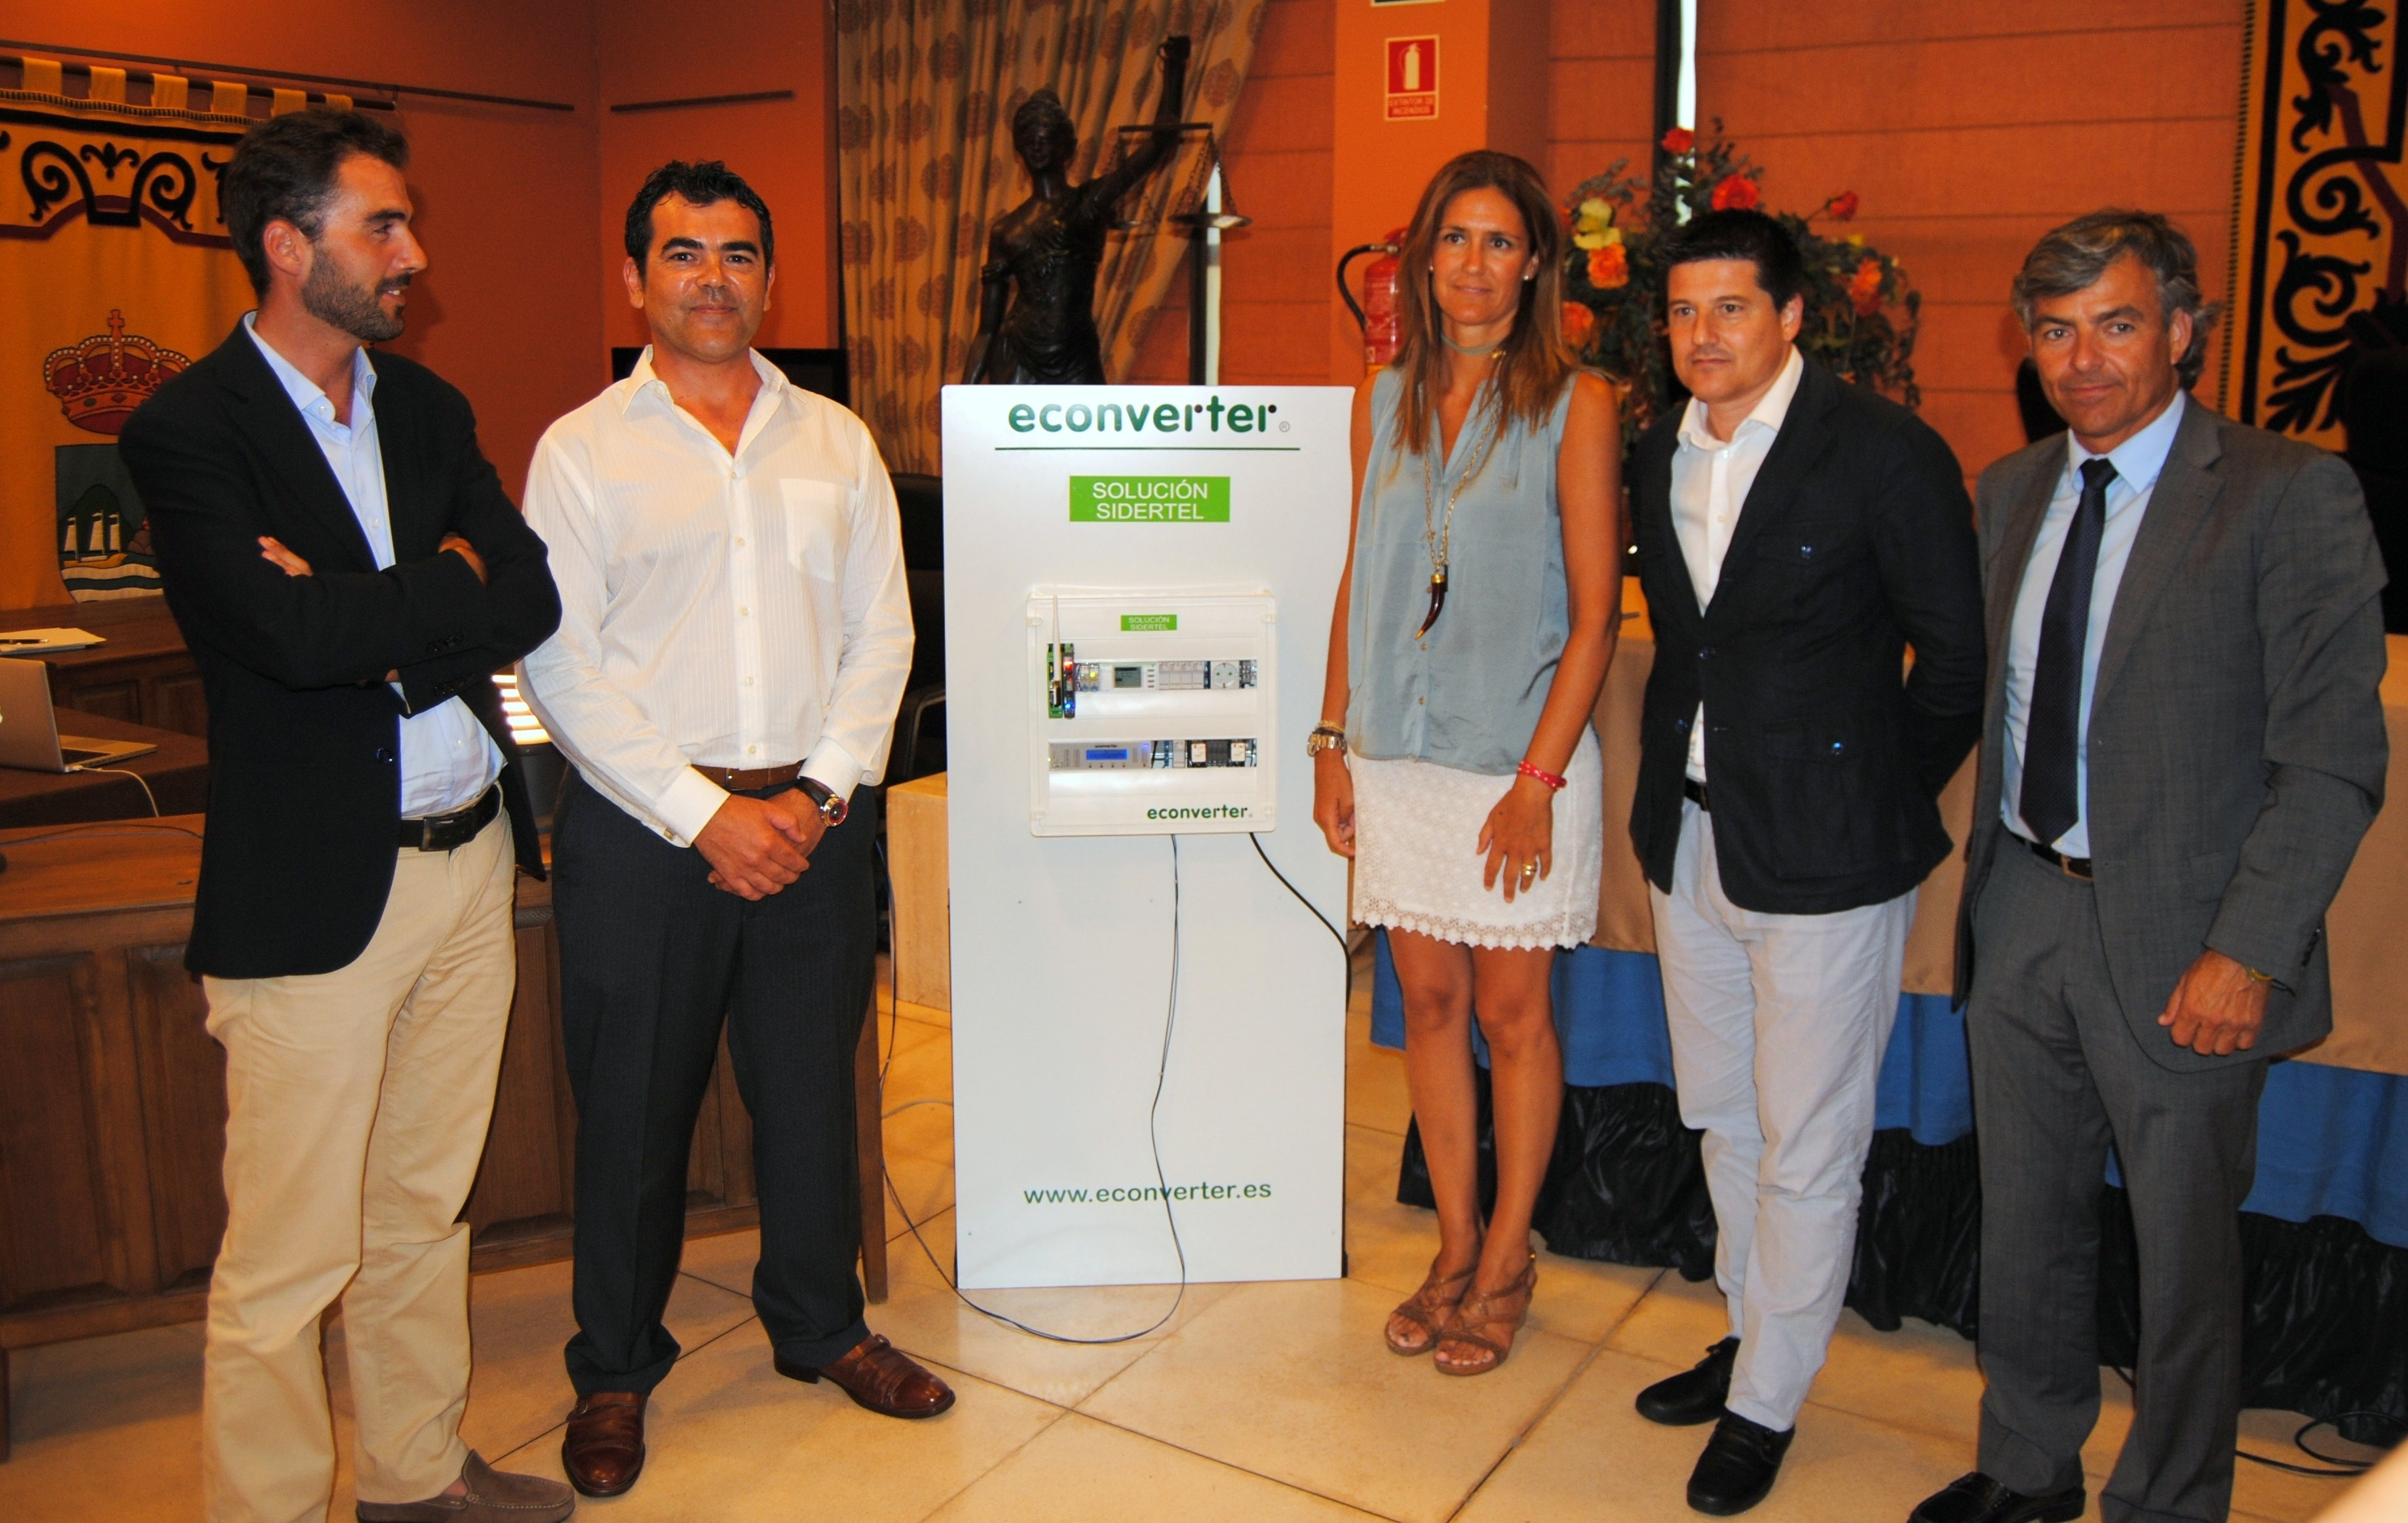 El Ayuntamiento de Estepona pondrá en marcha un dispositivo para evitar el robo de cable en el alumbrado público